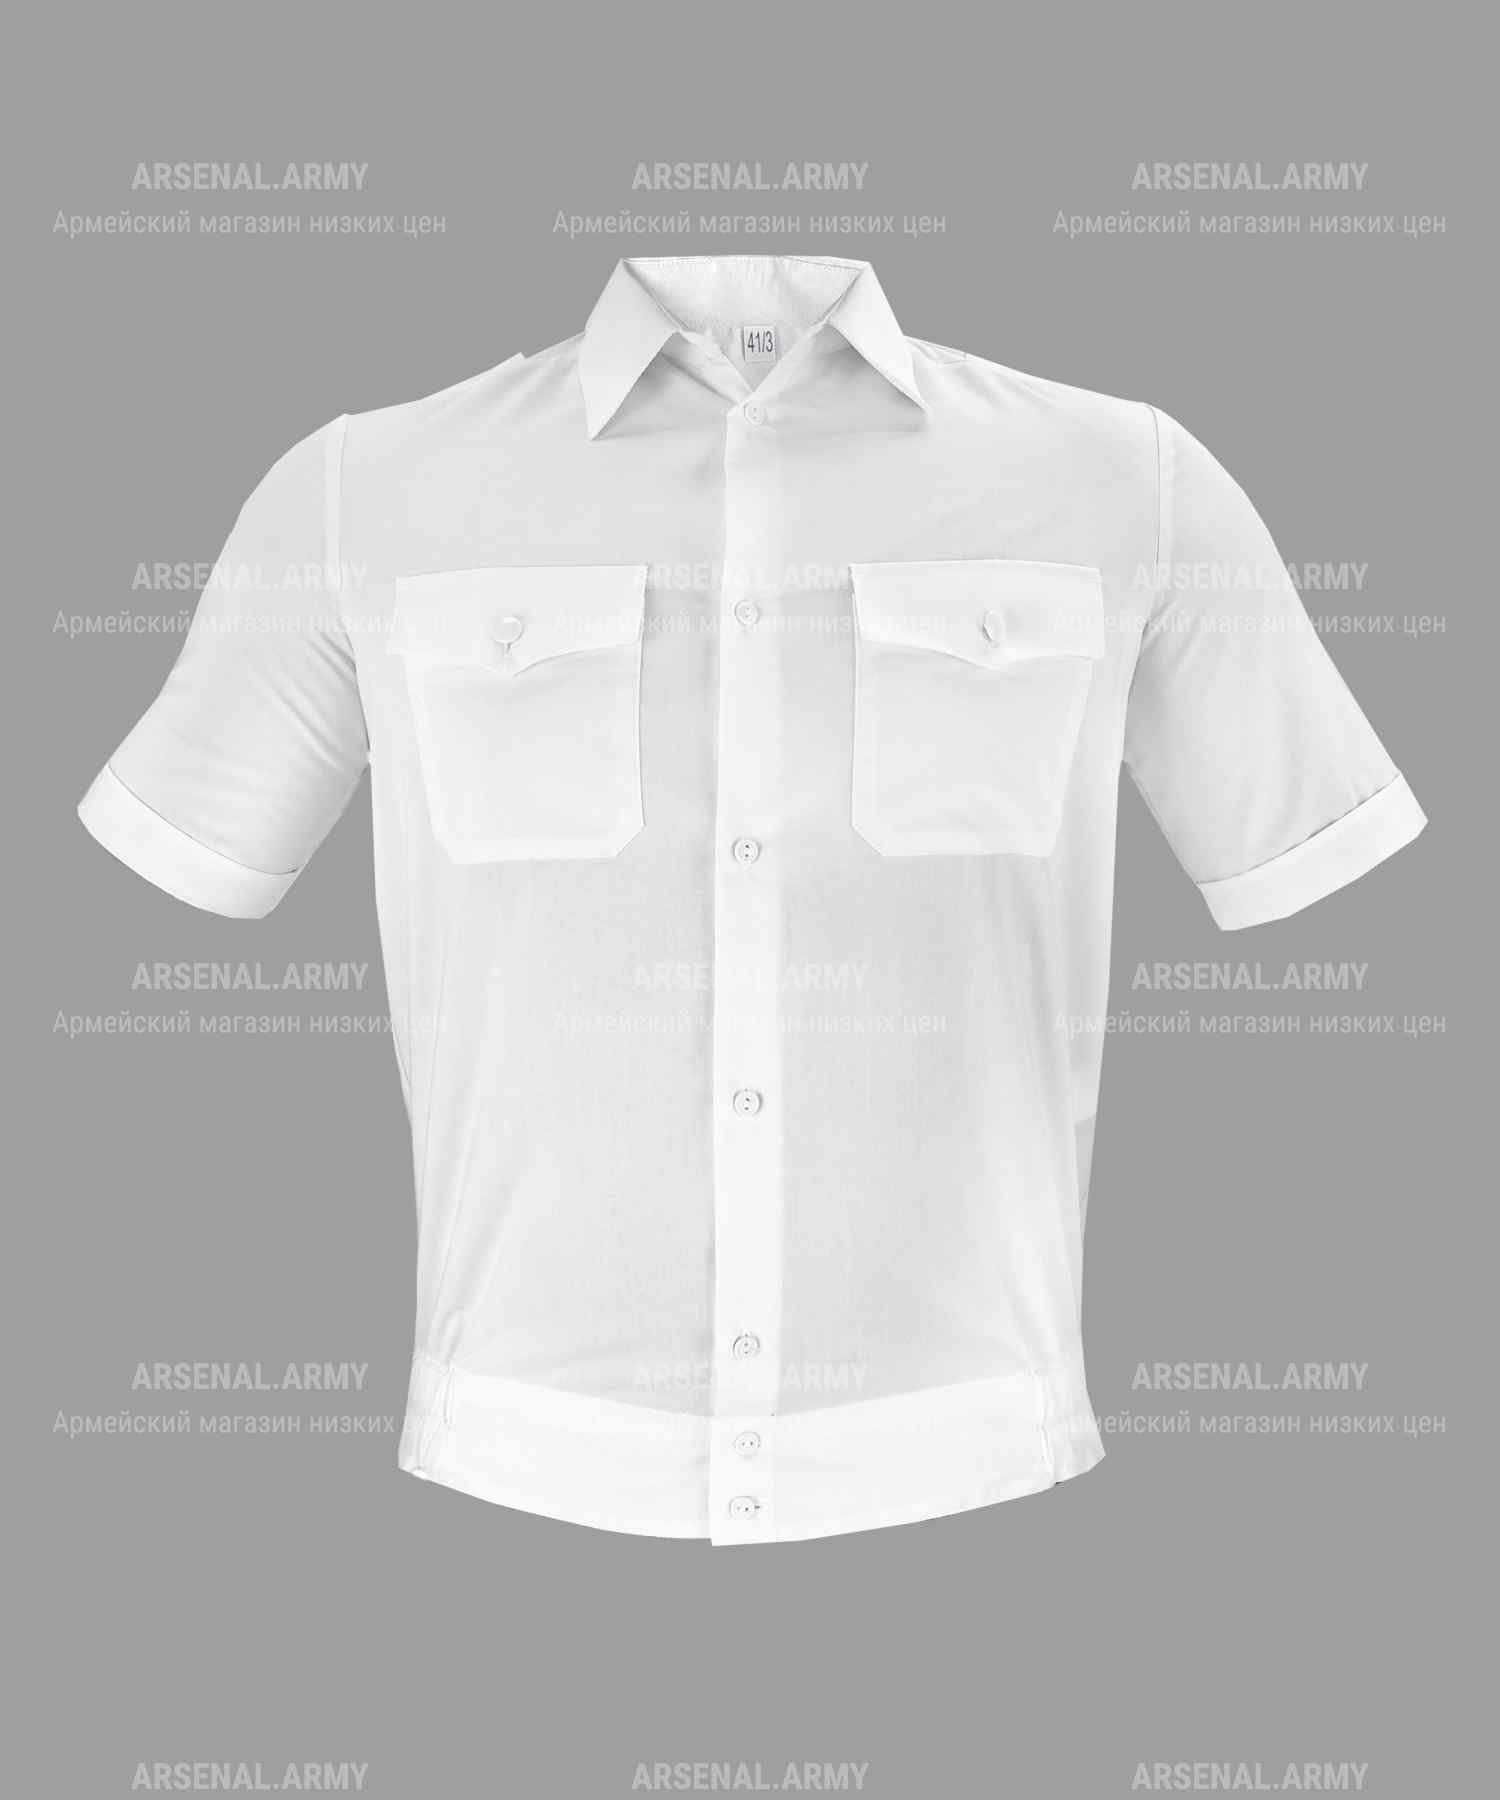 Рубашка полиции мужская белая (короткий рукав)